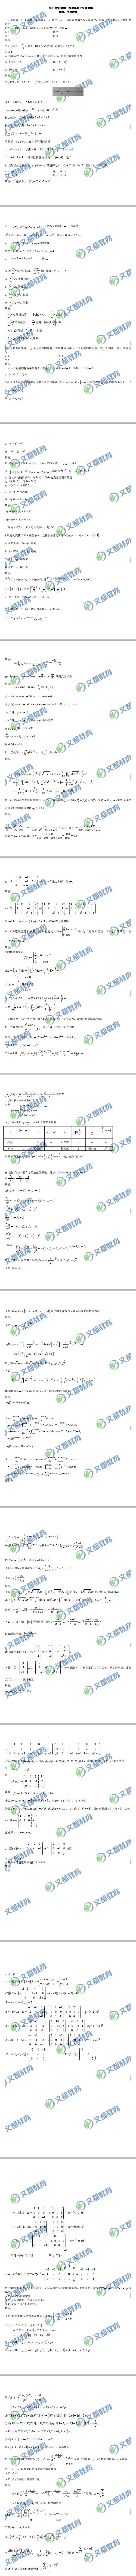 2019考研数学三真题答案